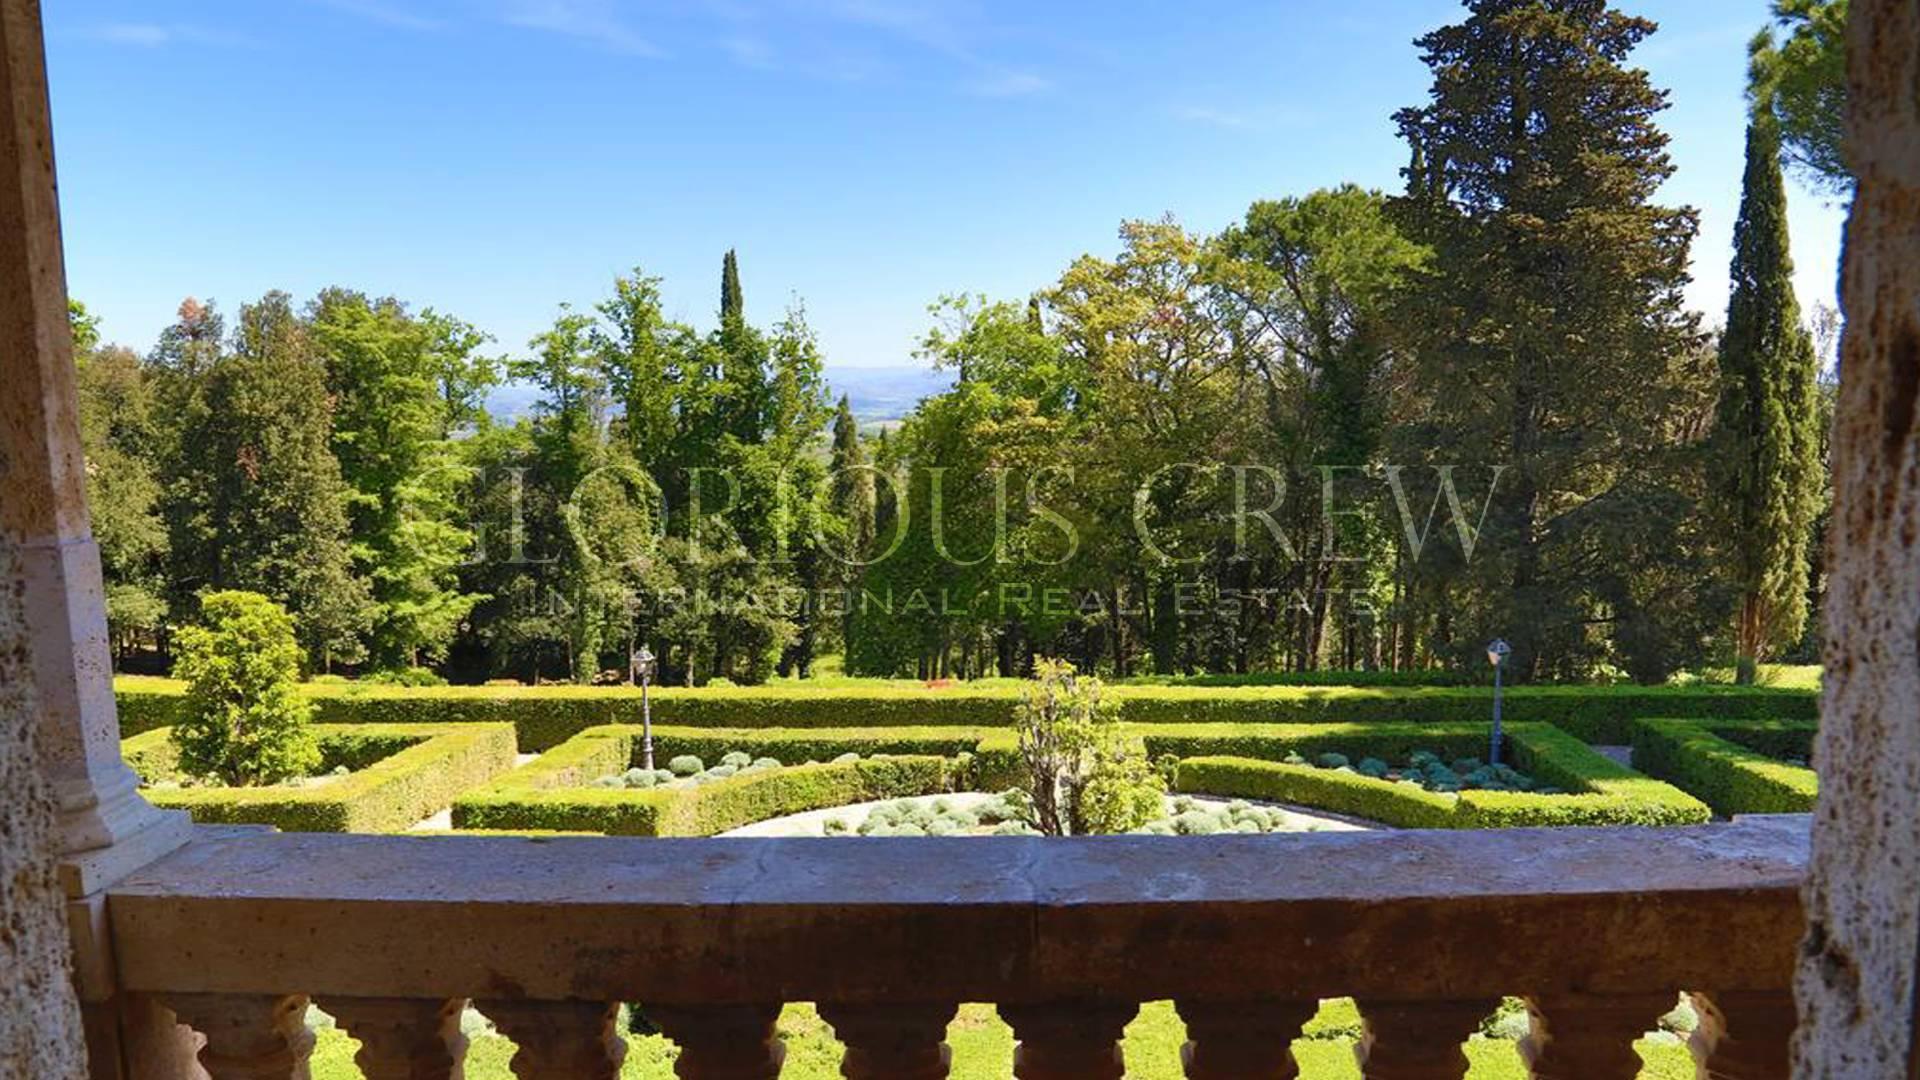 Rustico in Vendita a San Gimignano: 5 locali, 2500 mq - Foto 12